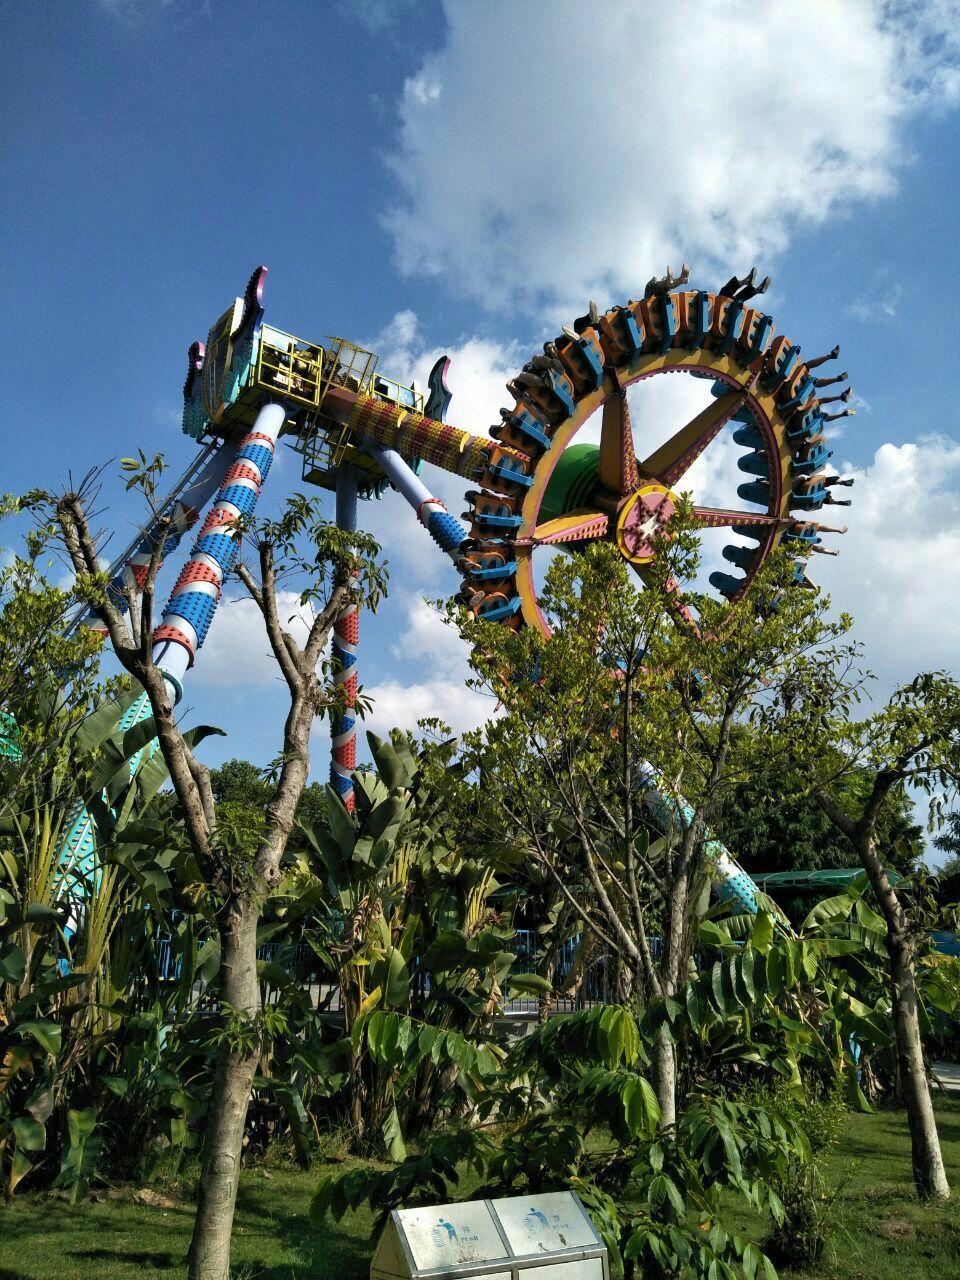 东莞香市动物园好玩吗,东莞香市动物园景点怎么样